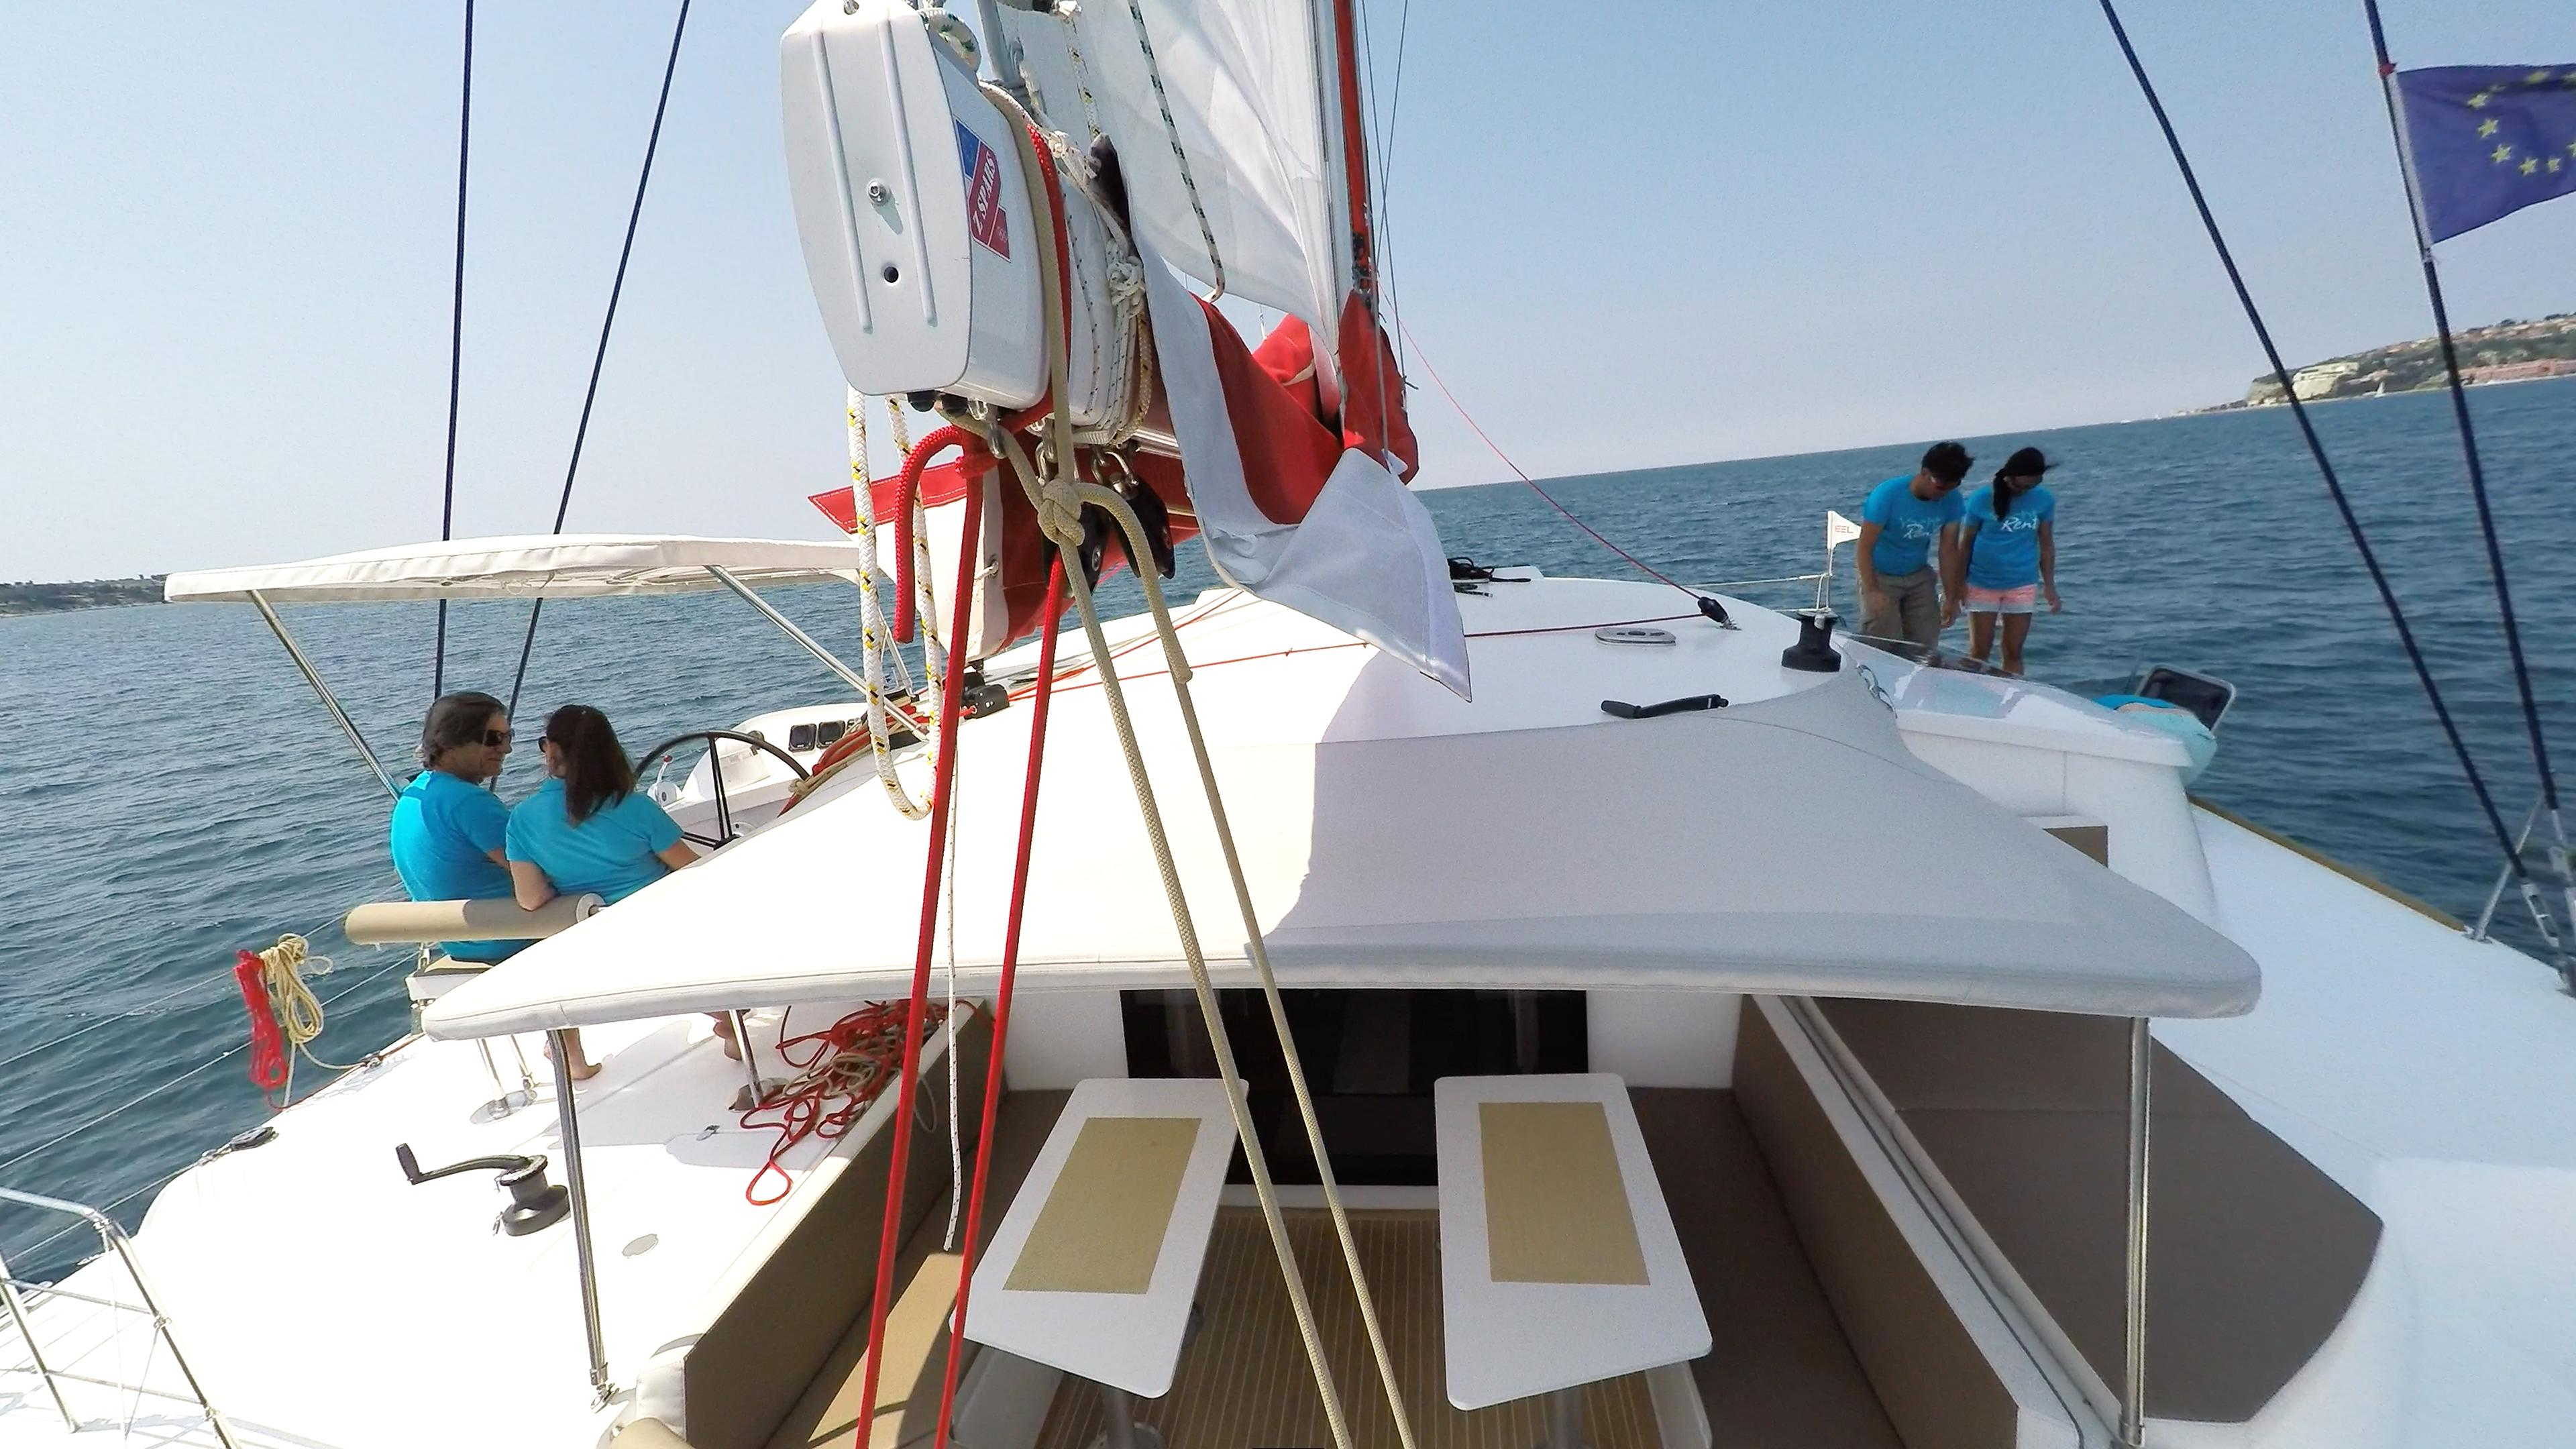 boma di trimarano  a vela yacht neel 45 equipaggio